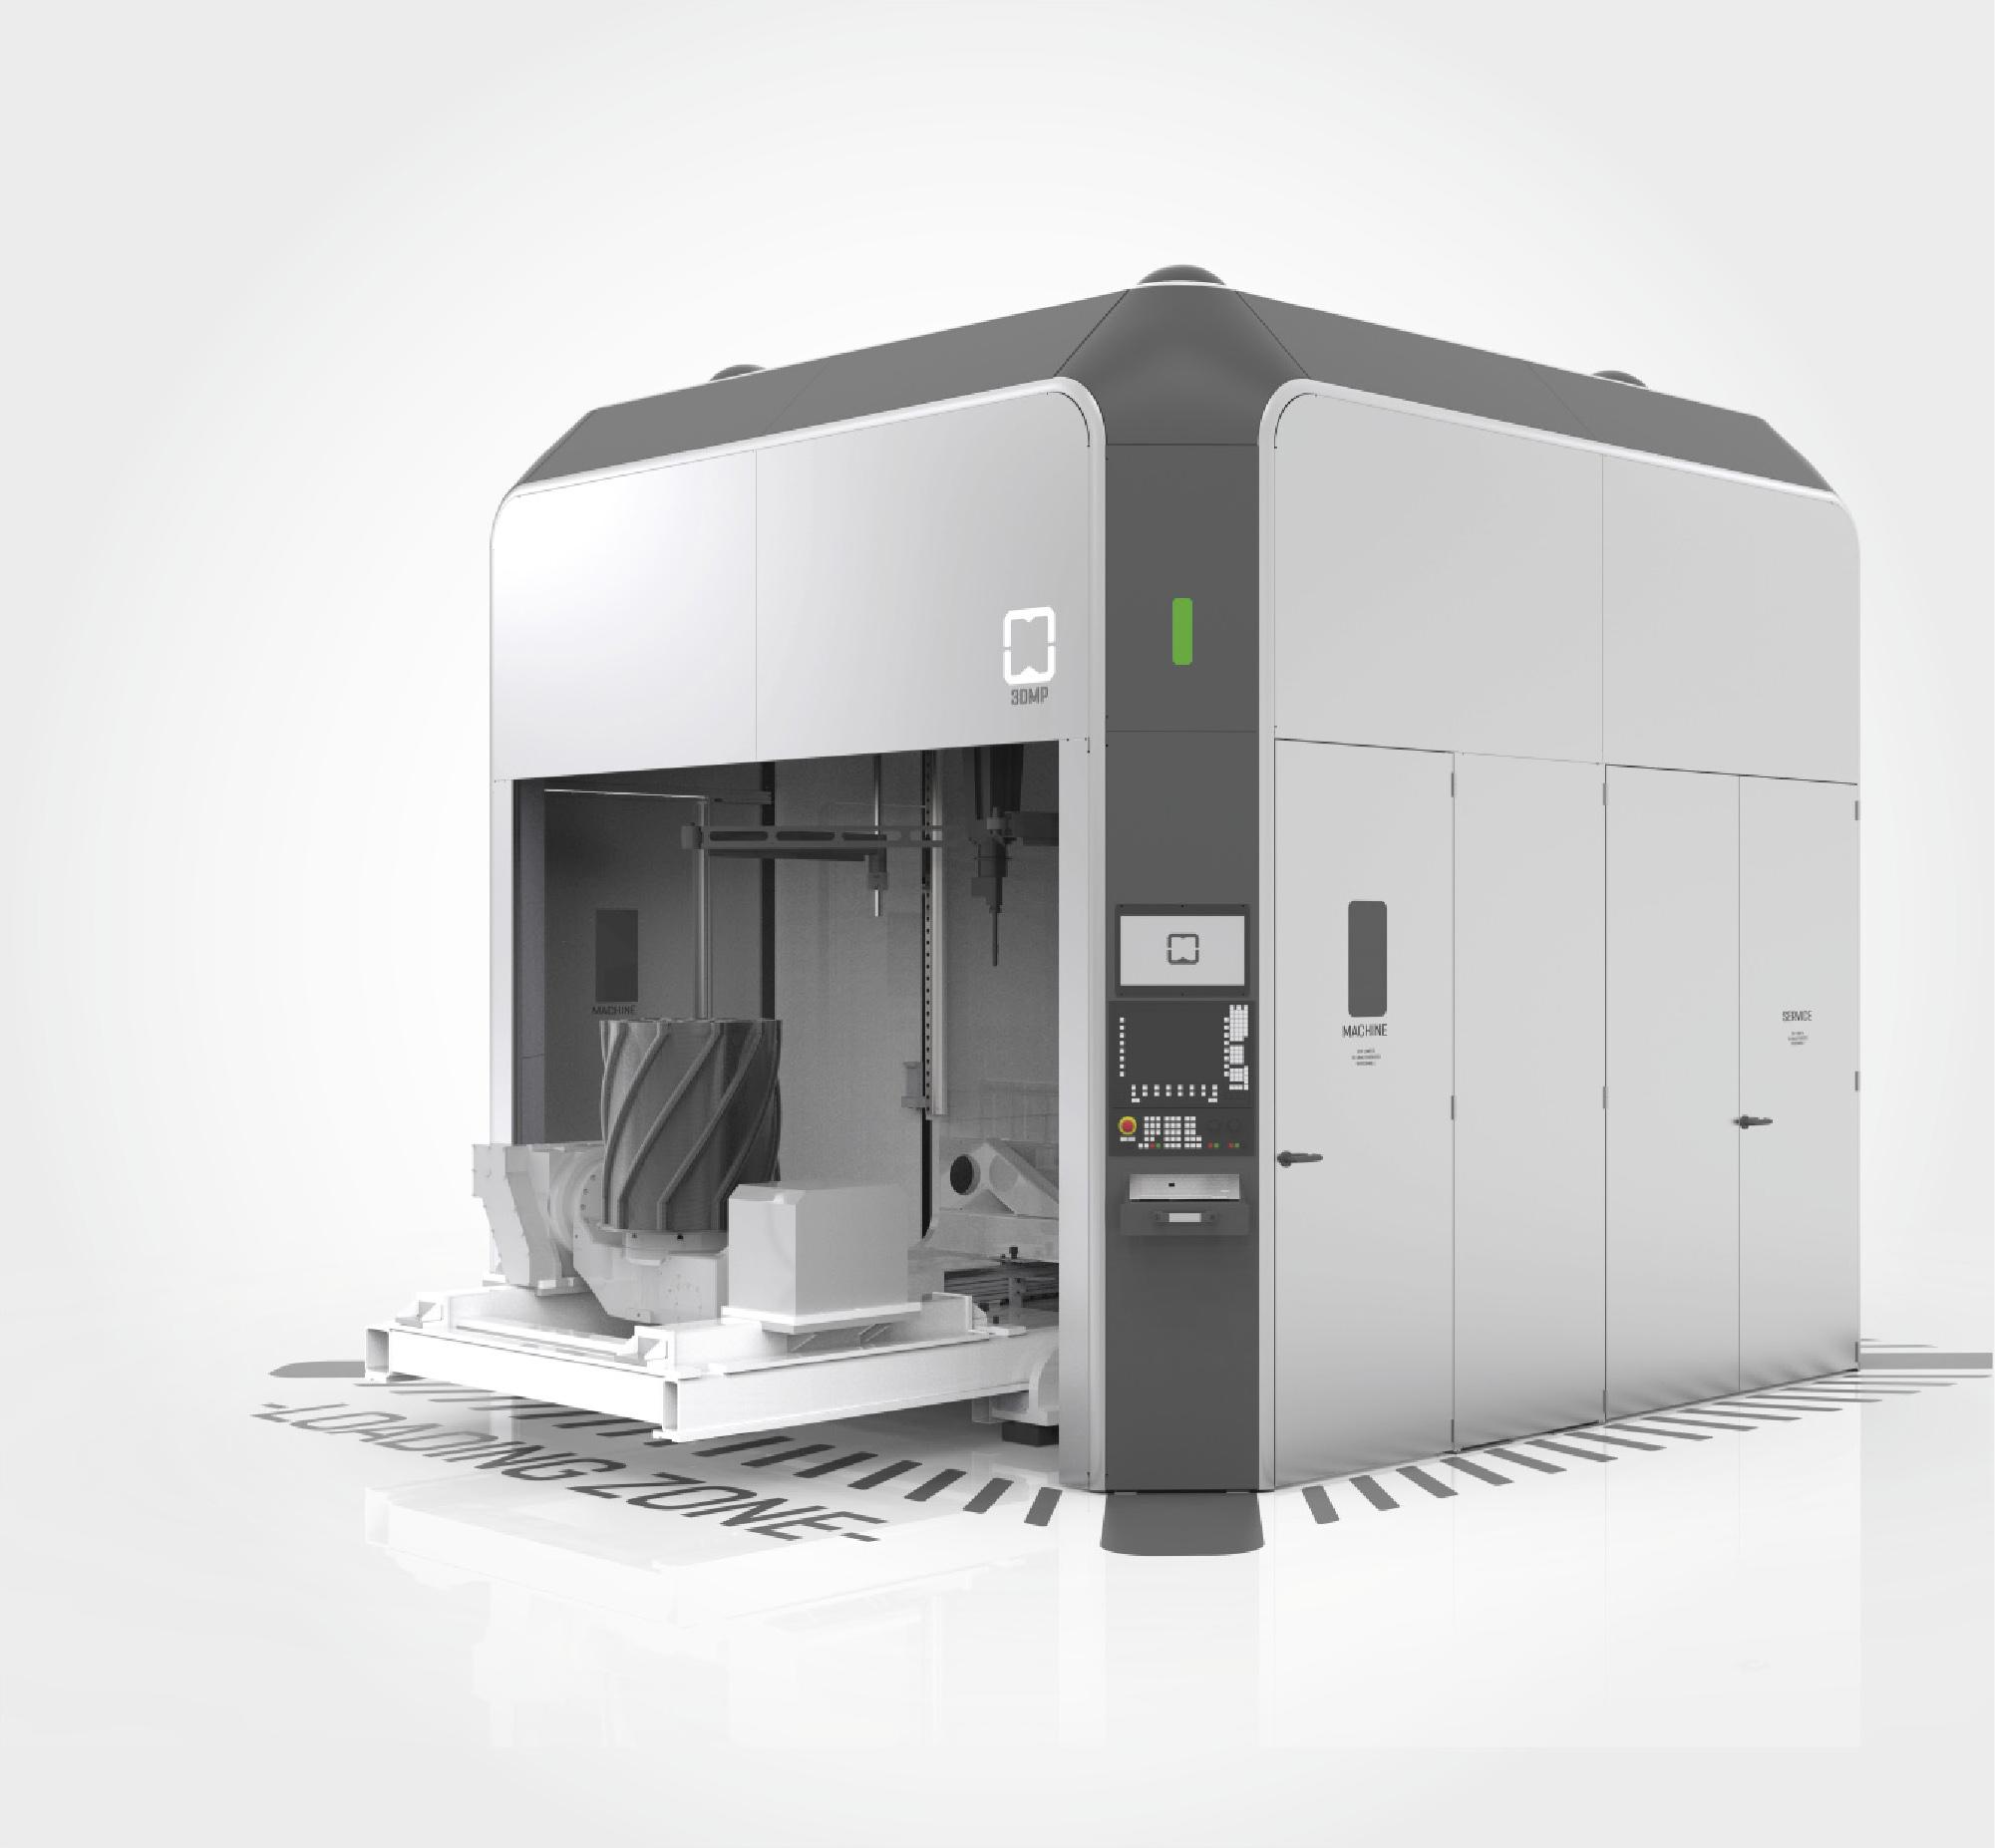 The arc605 3D printer. Image via GEFERTEC.